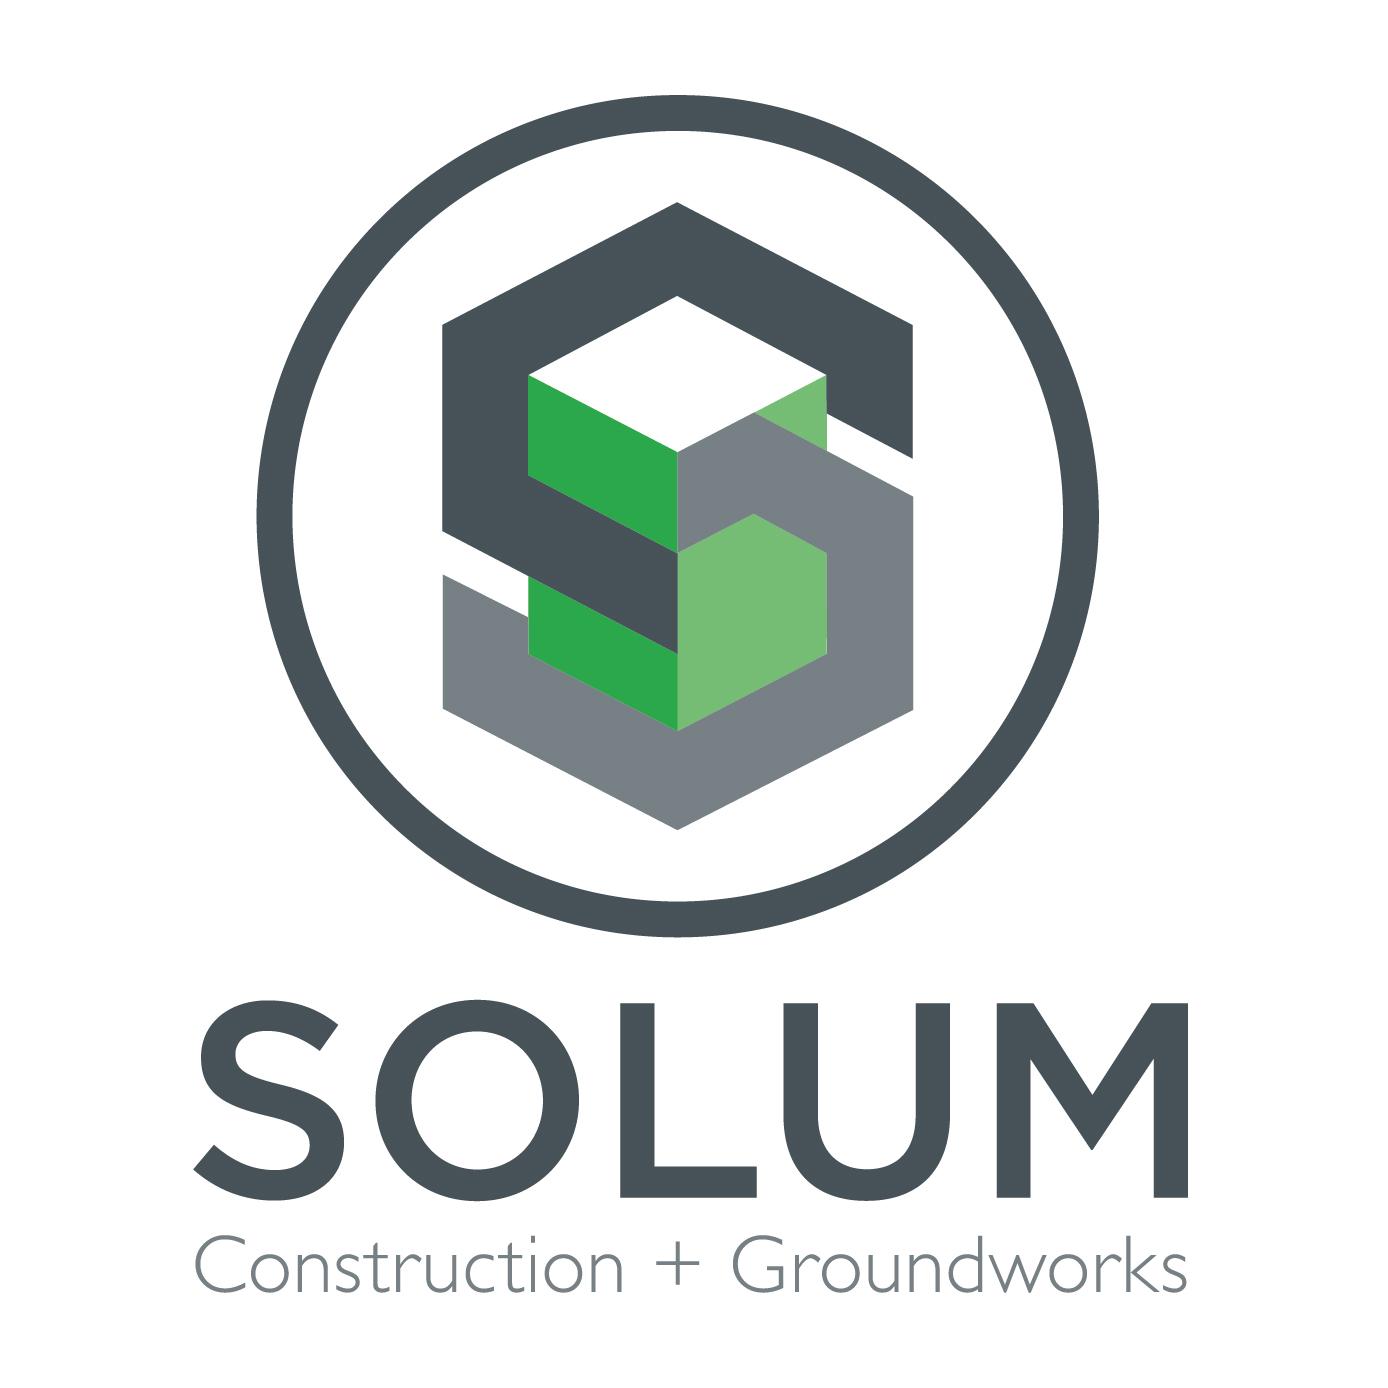 SOLUM Branding graphics